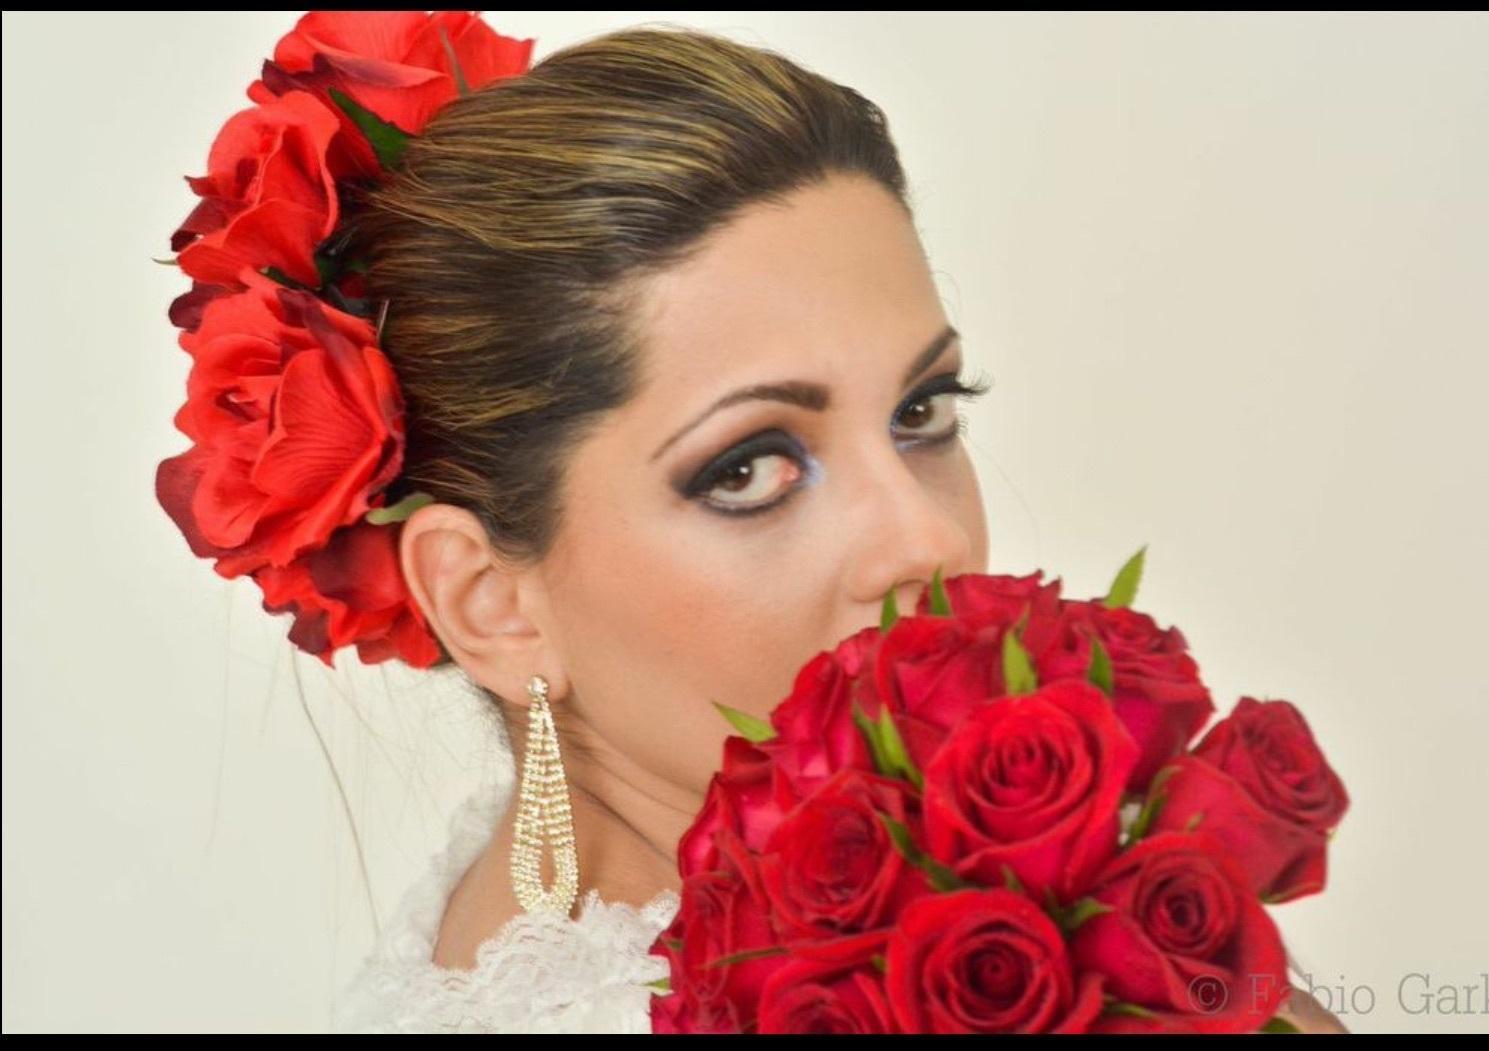 consultor(a) em negócios de beleza maquiador(a)